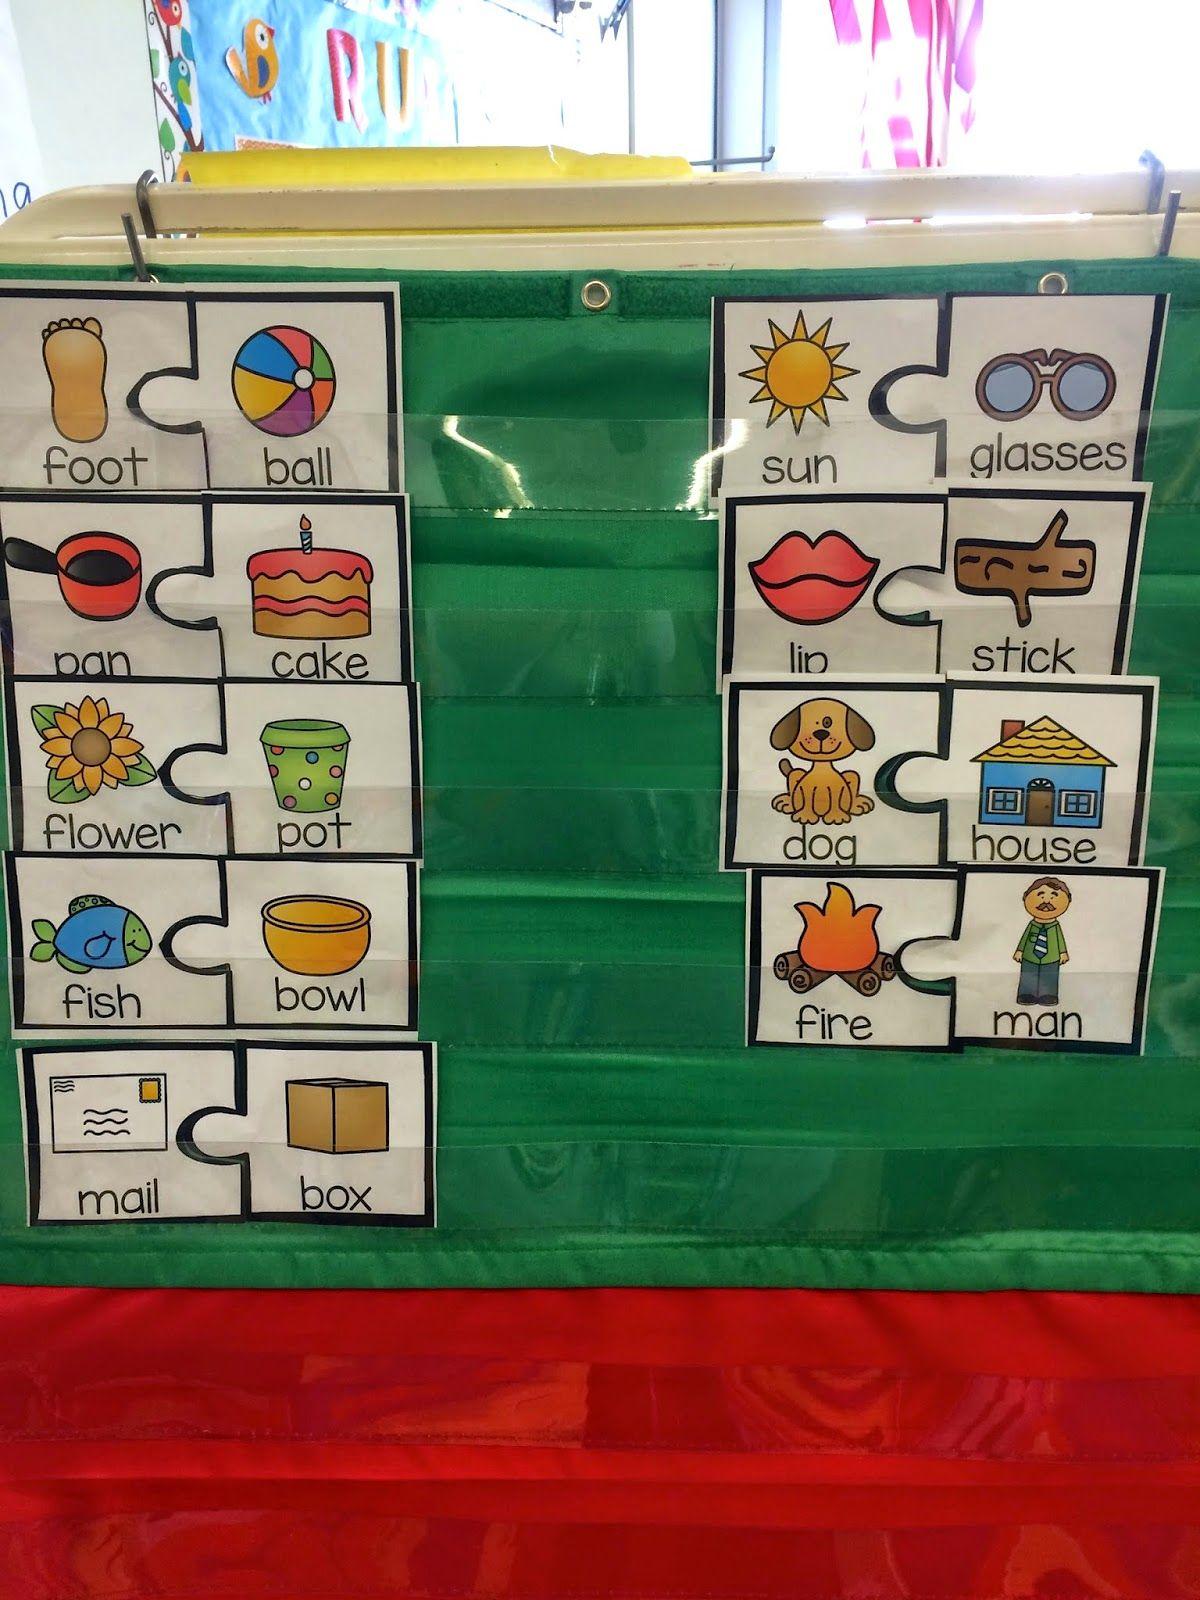 Teach Talk Inspire A Teaching Blog Compound Words Compound Words Activities Word Activities [ 1600 x 1200 Pixel ]